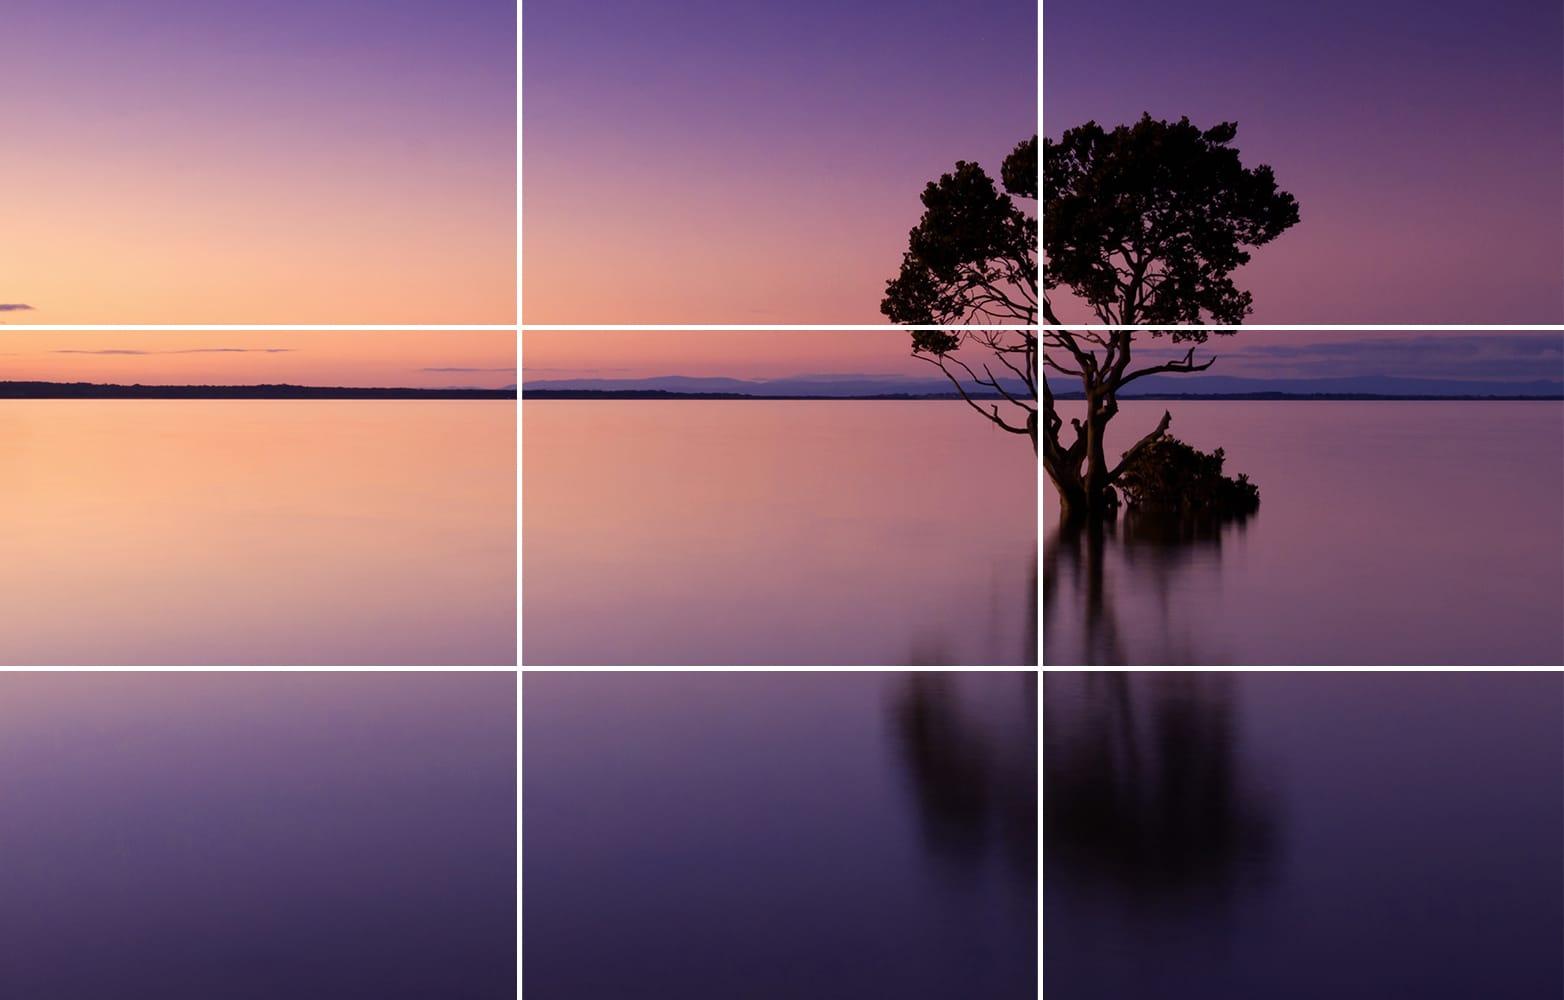 قانون یک سوم در ترکیب بندی عکاسی